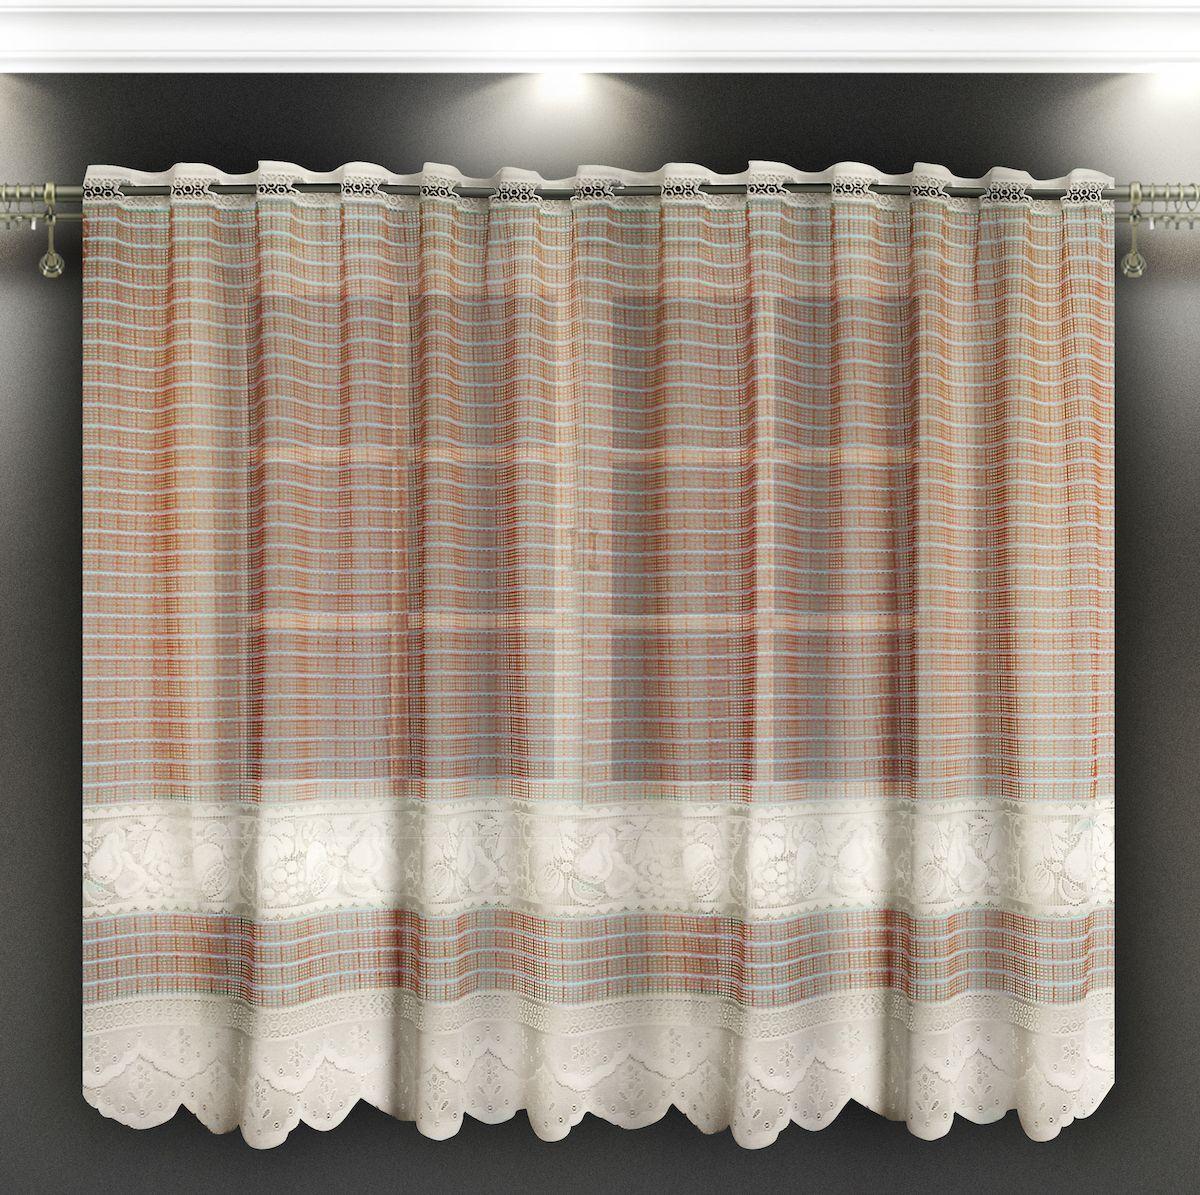 Гардина Zlata Korunka, на зажимах, цвет: бежевый, высота 160 см. 8886988869Гардина Zlata Korunka, изготовленная из высококачественного полиэстера, станет великолепным украшением любого окна. Тюле-кружевная текстура полотна привлечет к себе внимание и органично впишется в интерьер. Оригинальное оформление гардины внесет разнообразие и подарит заряд положительного настроения. Крепится на зажимах для штор.